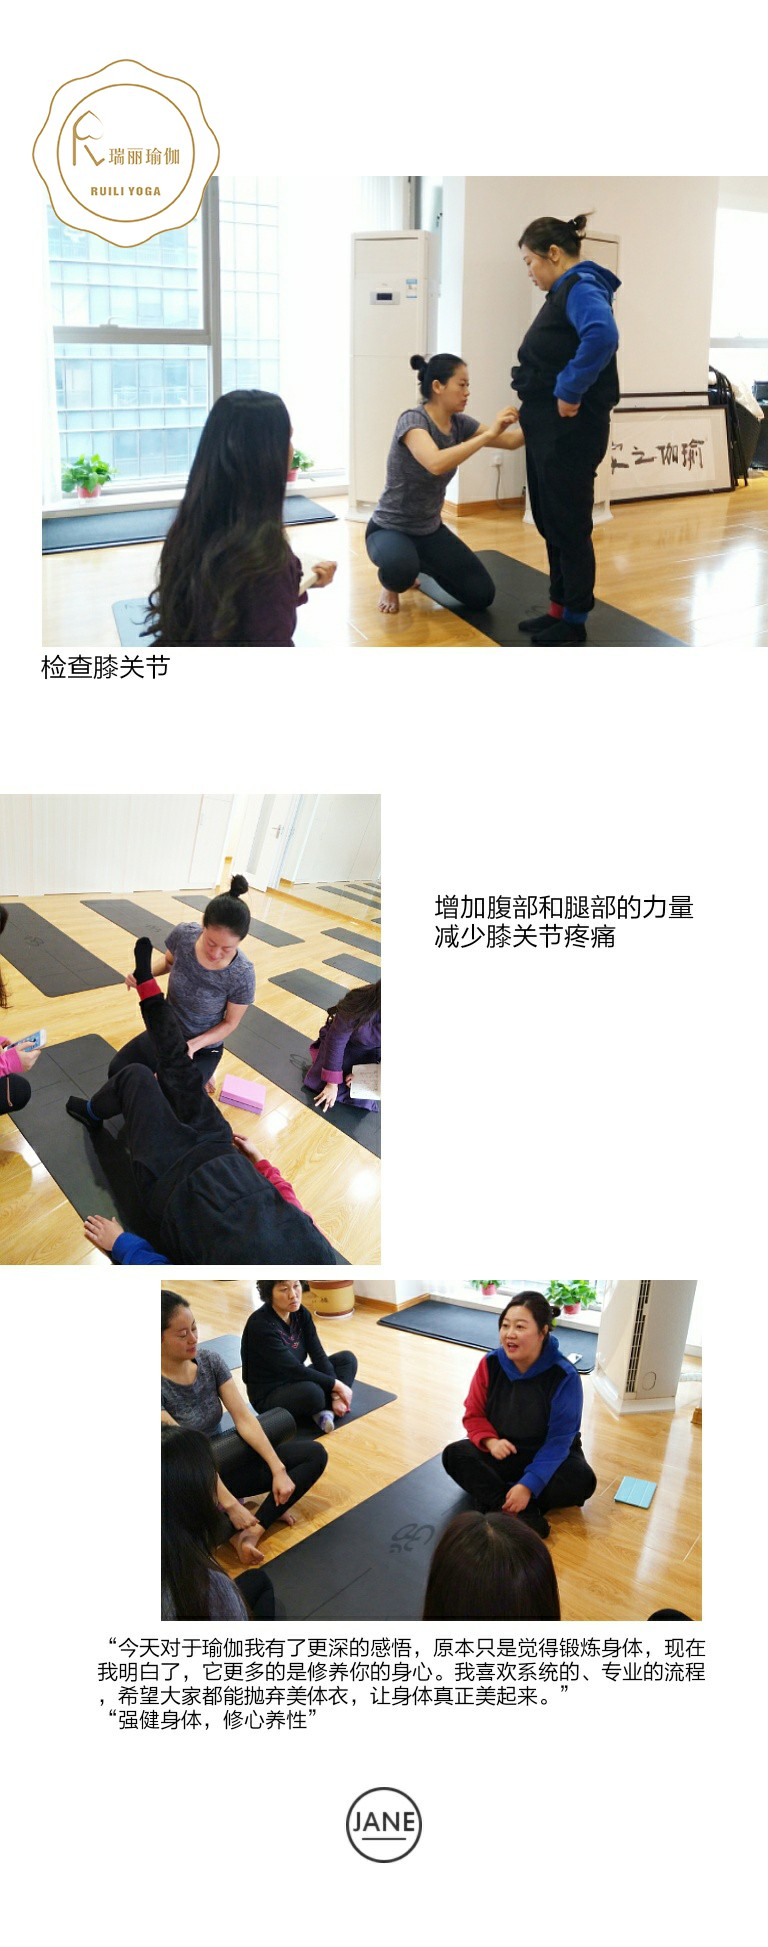 瑞丽瑜伽-孕产瑜伽进修课